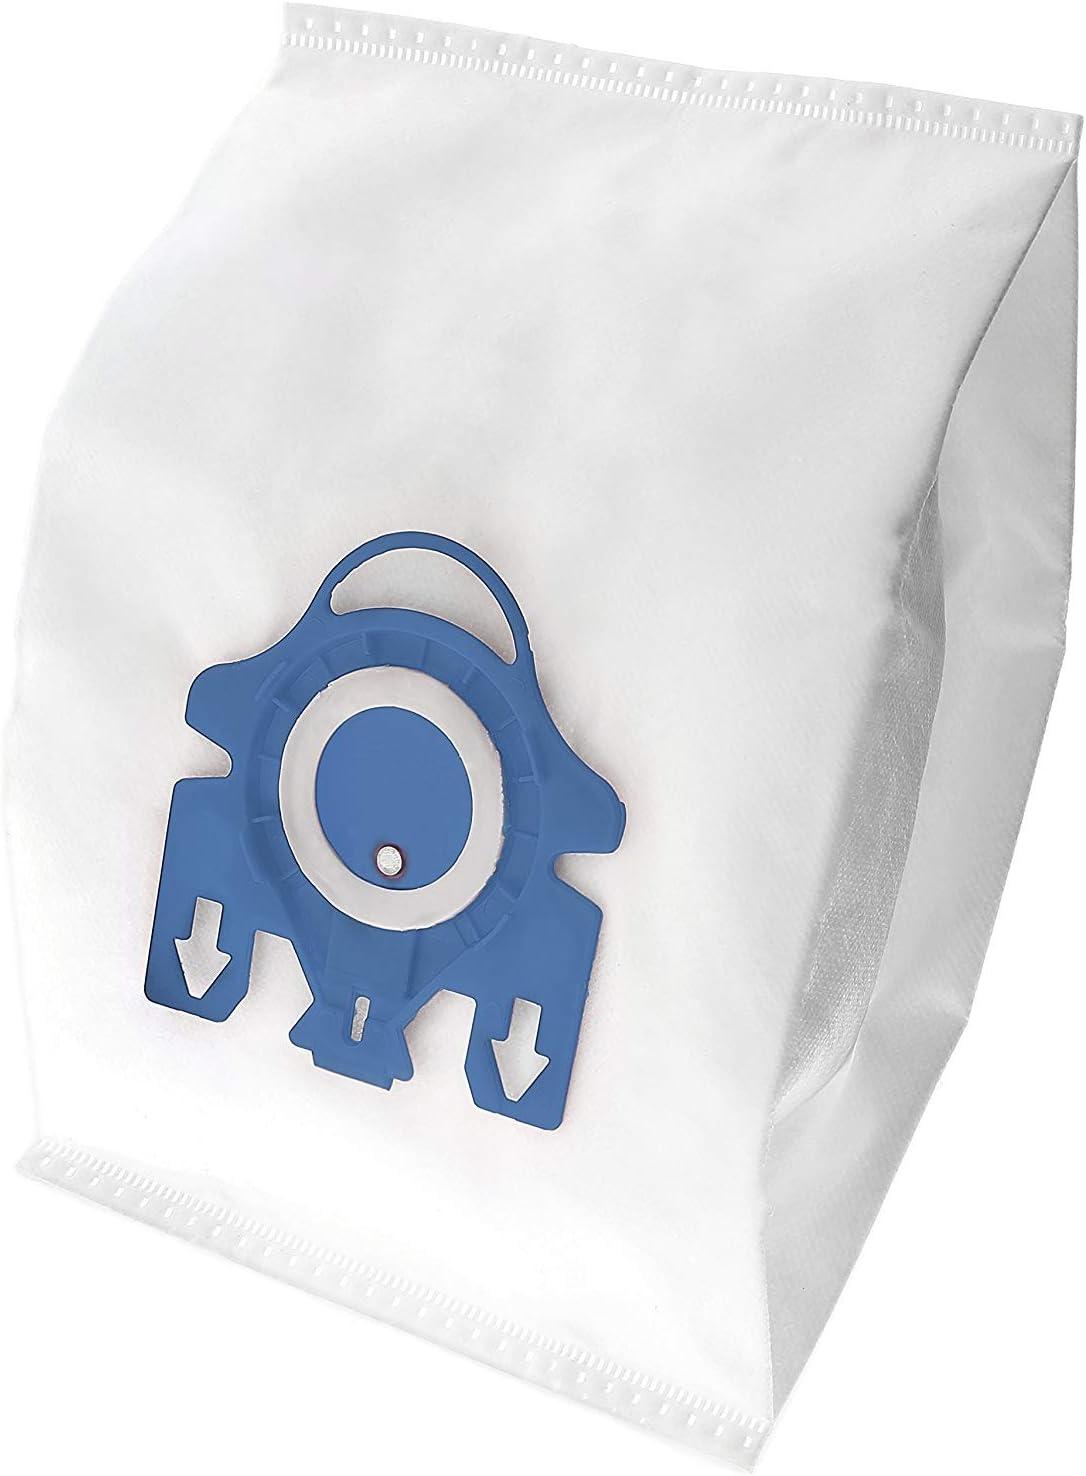 Qualtex Airclean GN bolsas para aspiradora Miele Compact C1 Pure ...